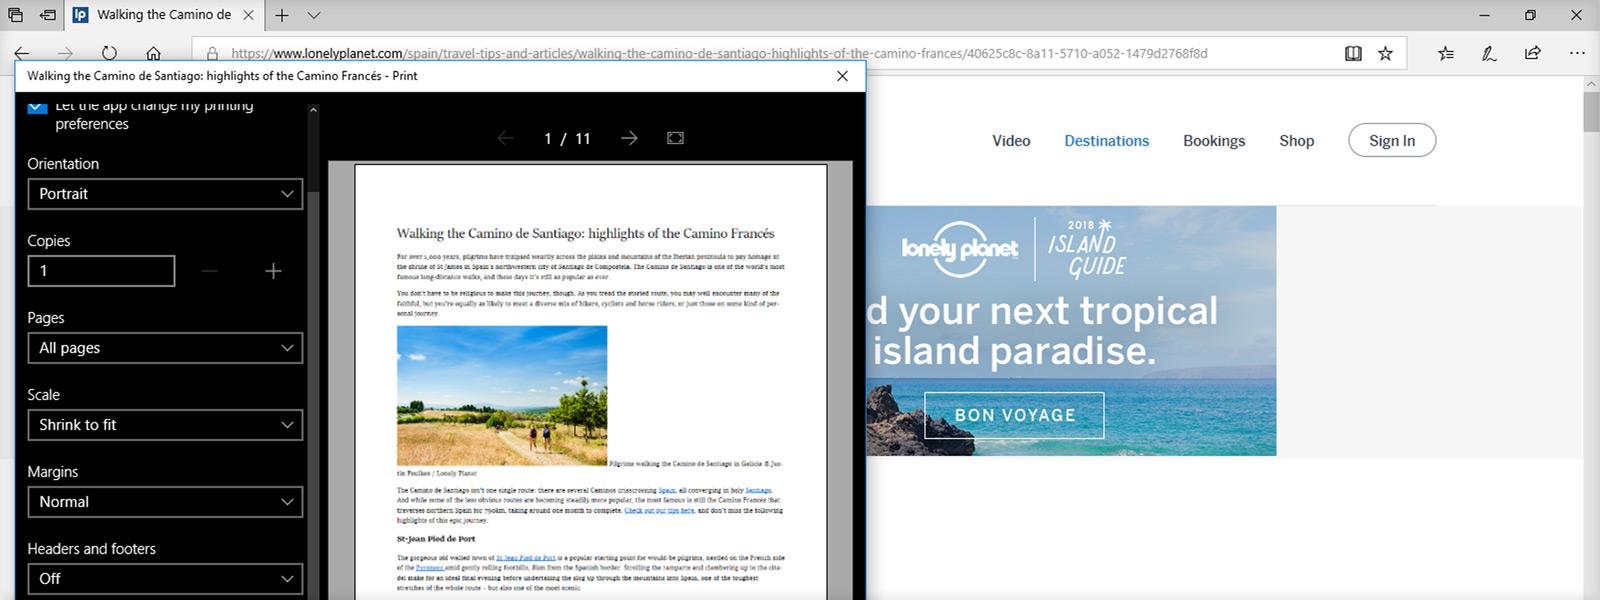 Skærmbillede af en udskriftsvisning i Edge, som mangler reklamerne på en given webside